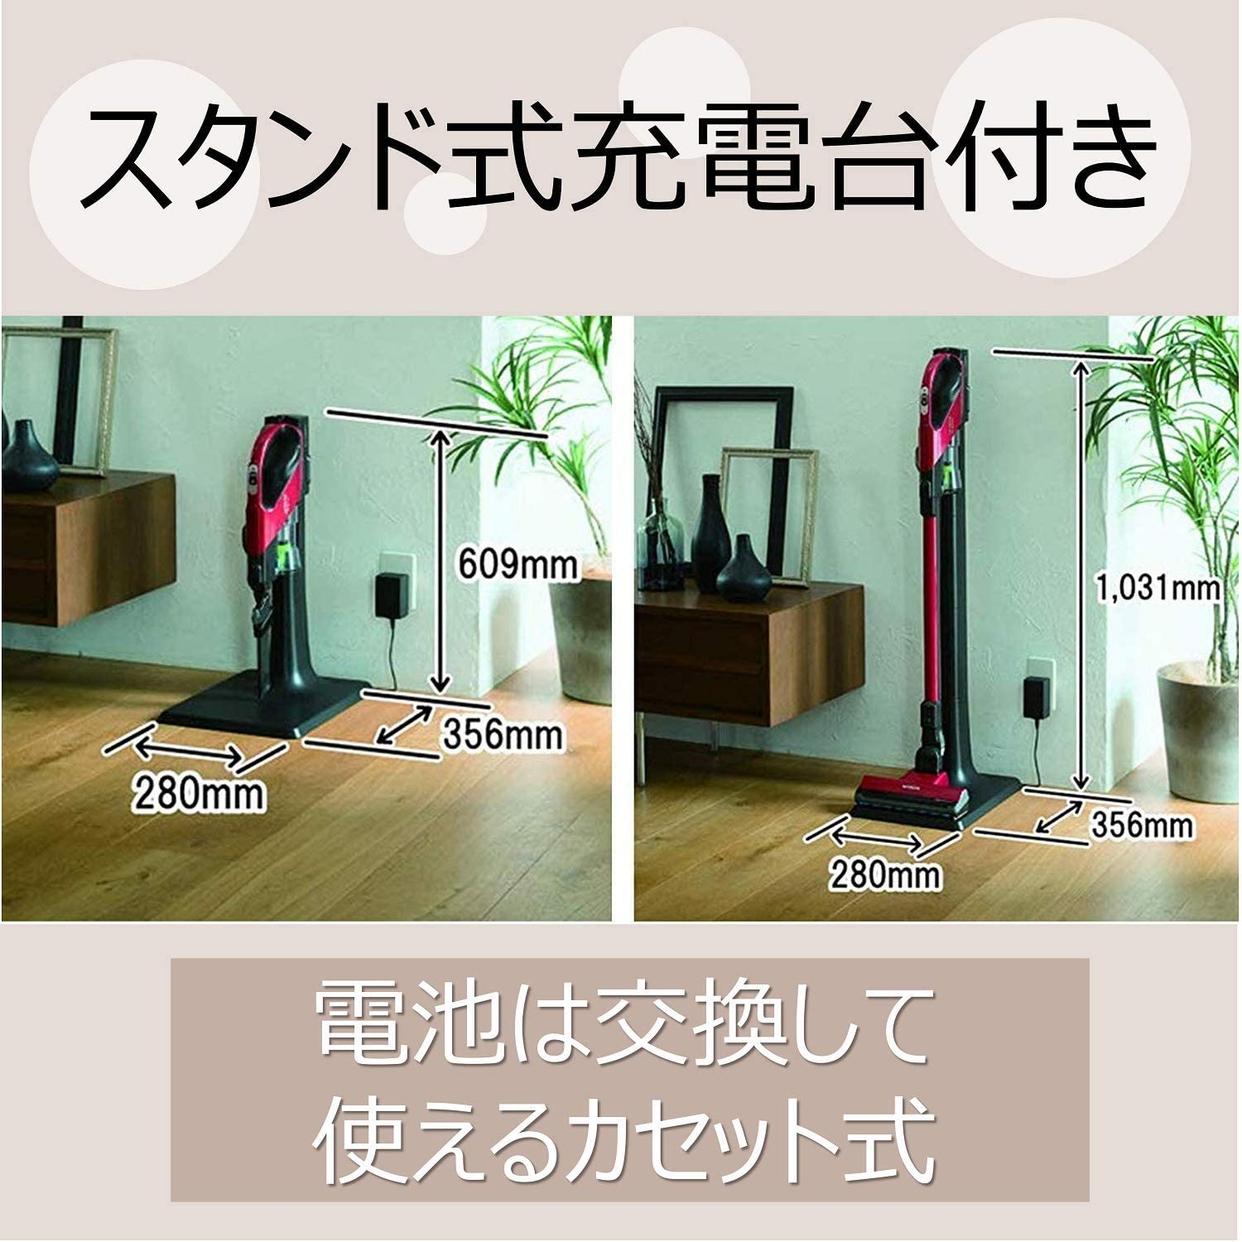 日立(HITACHI) パワーブーストサイクロン PV-BFH900の商品画像3